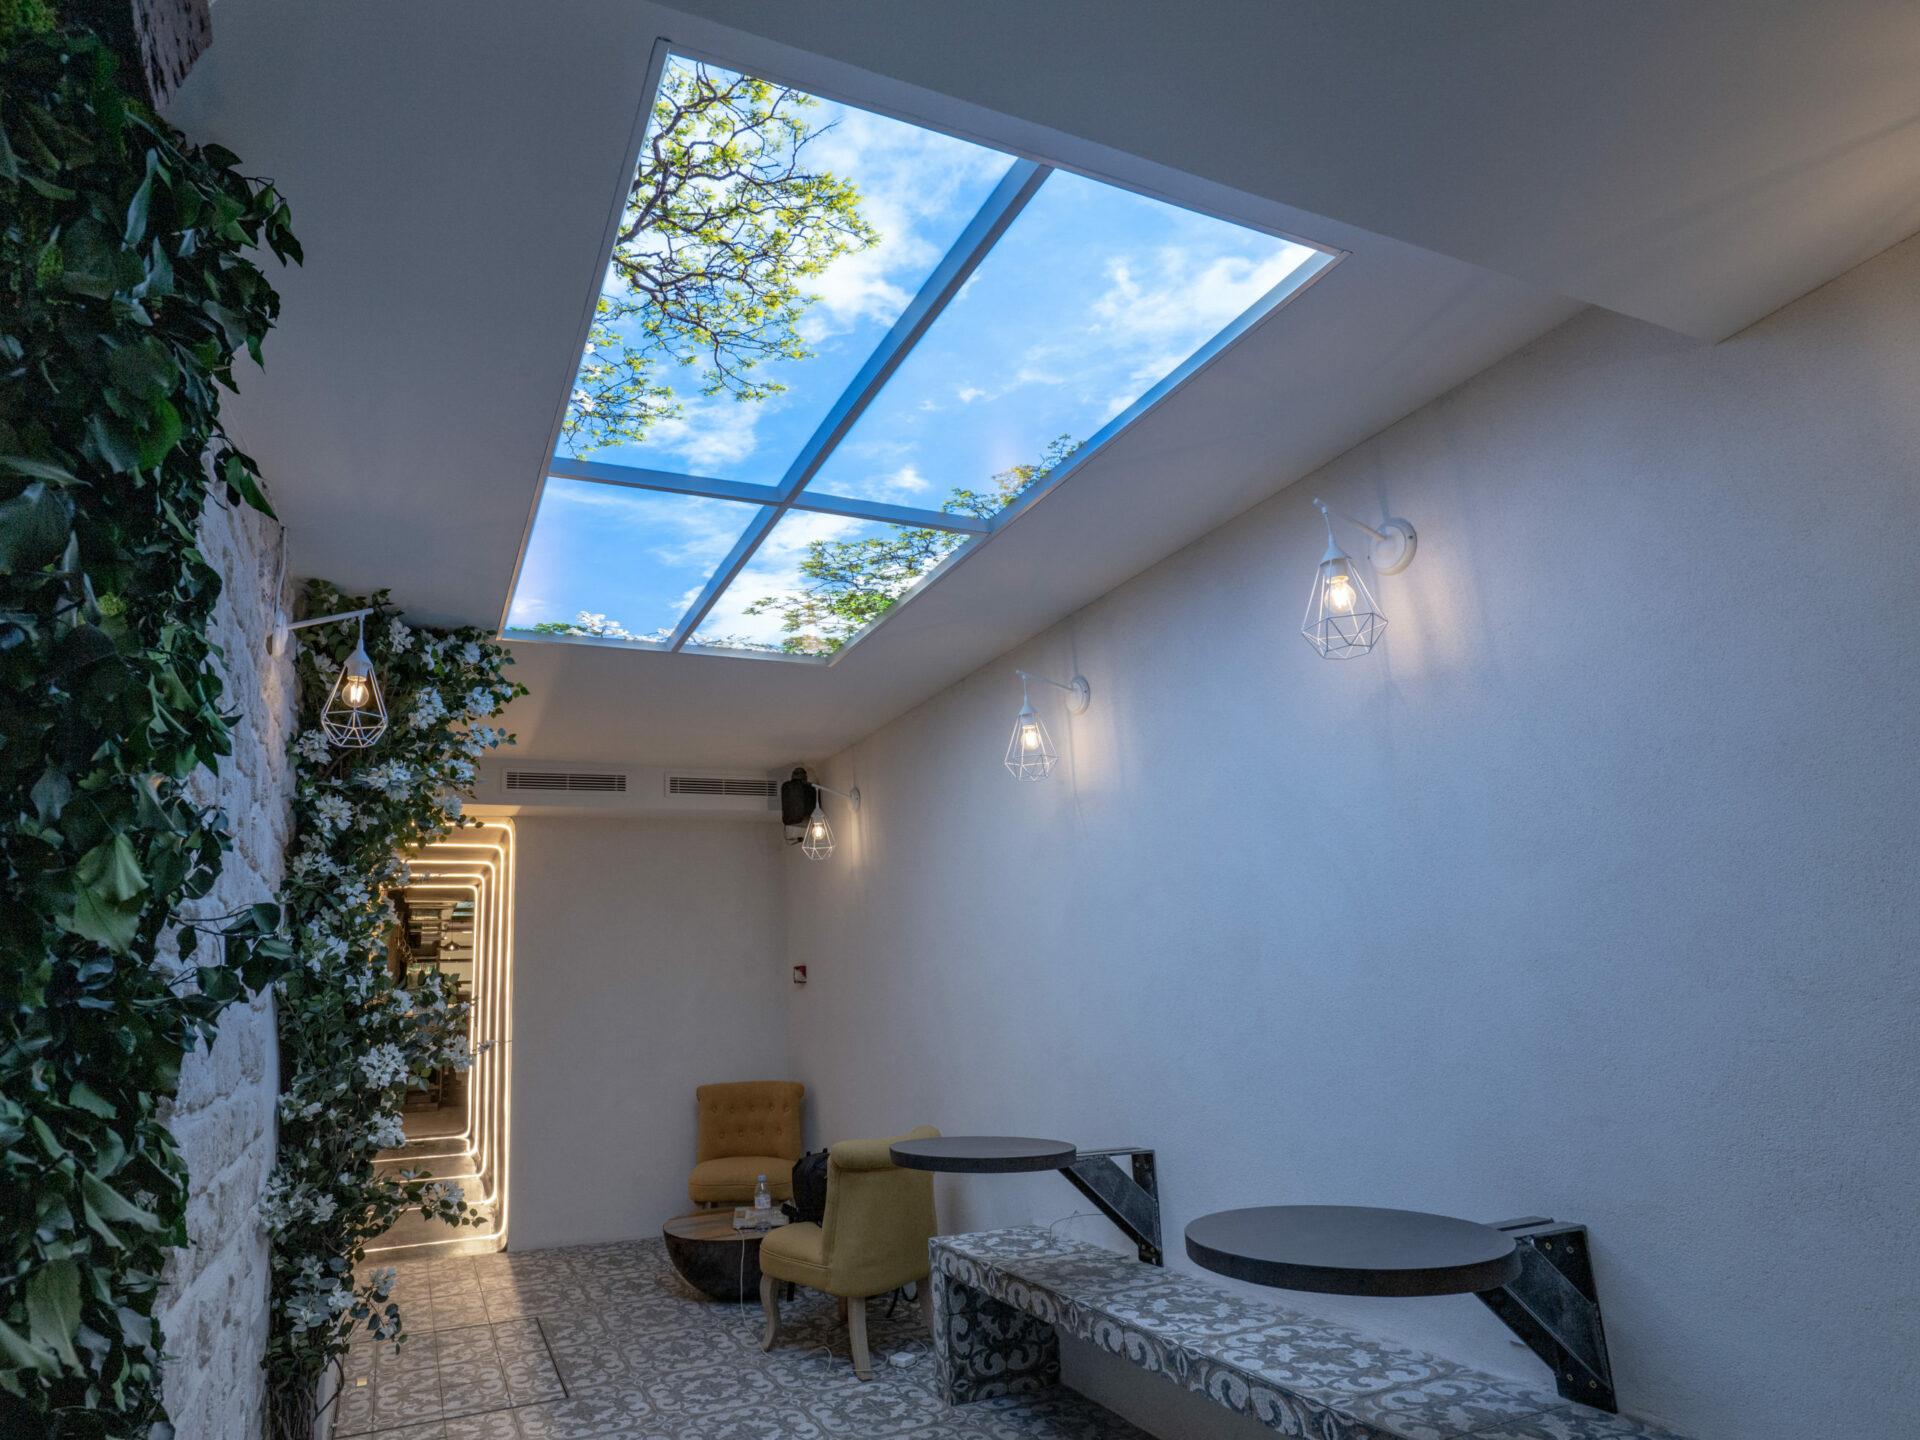 Faux plafond Cumulux de quatre modules, pour illuminer une salle de restaurant.